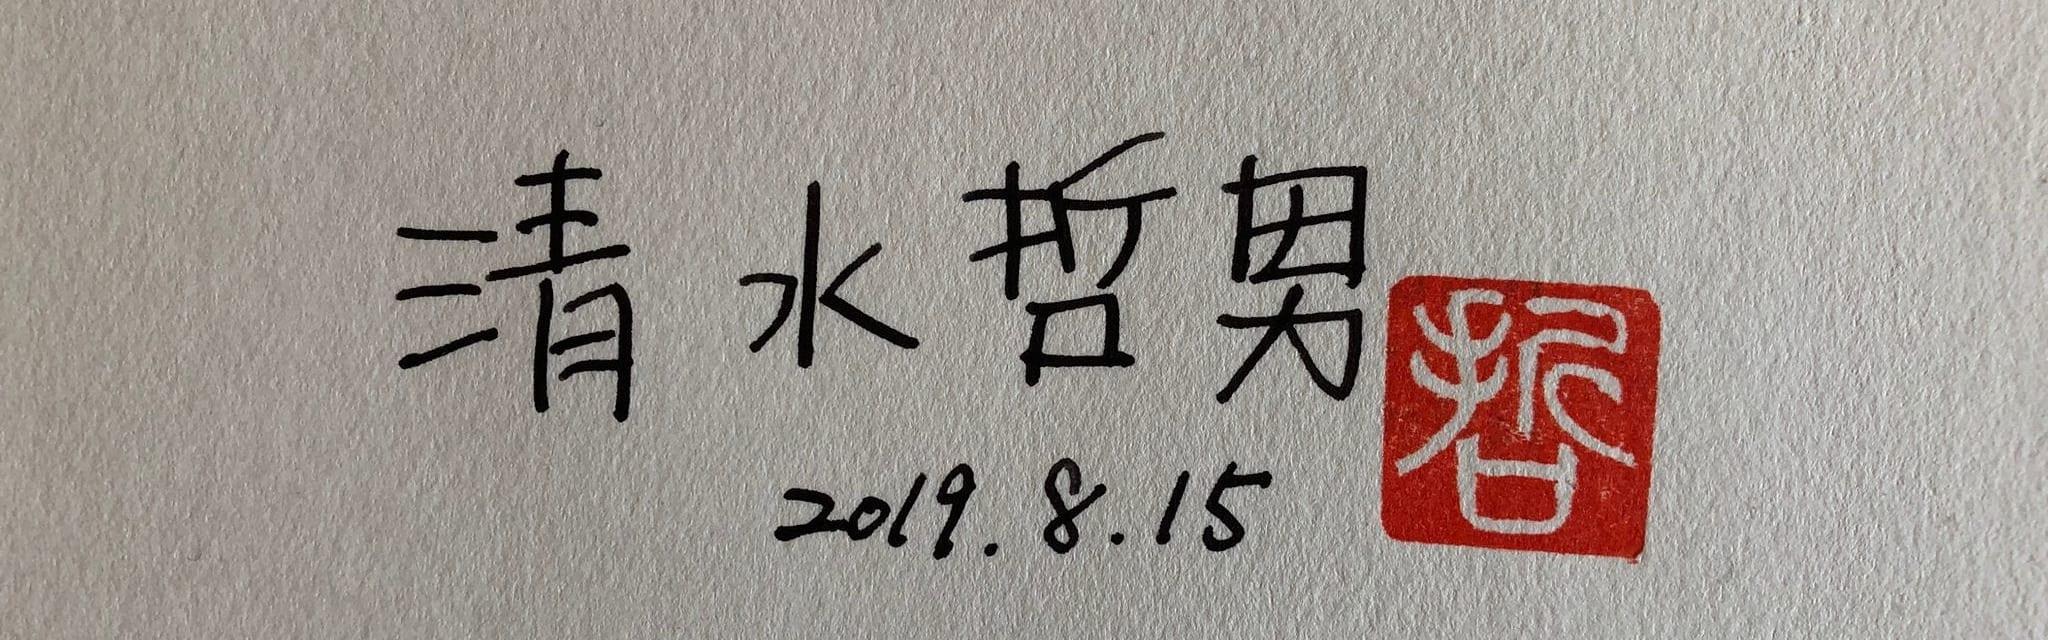 清水哲男署名